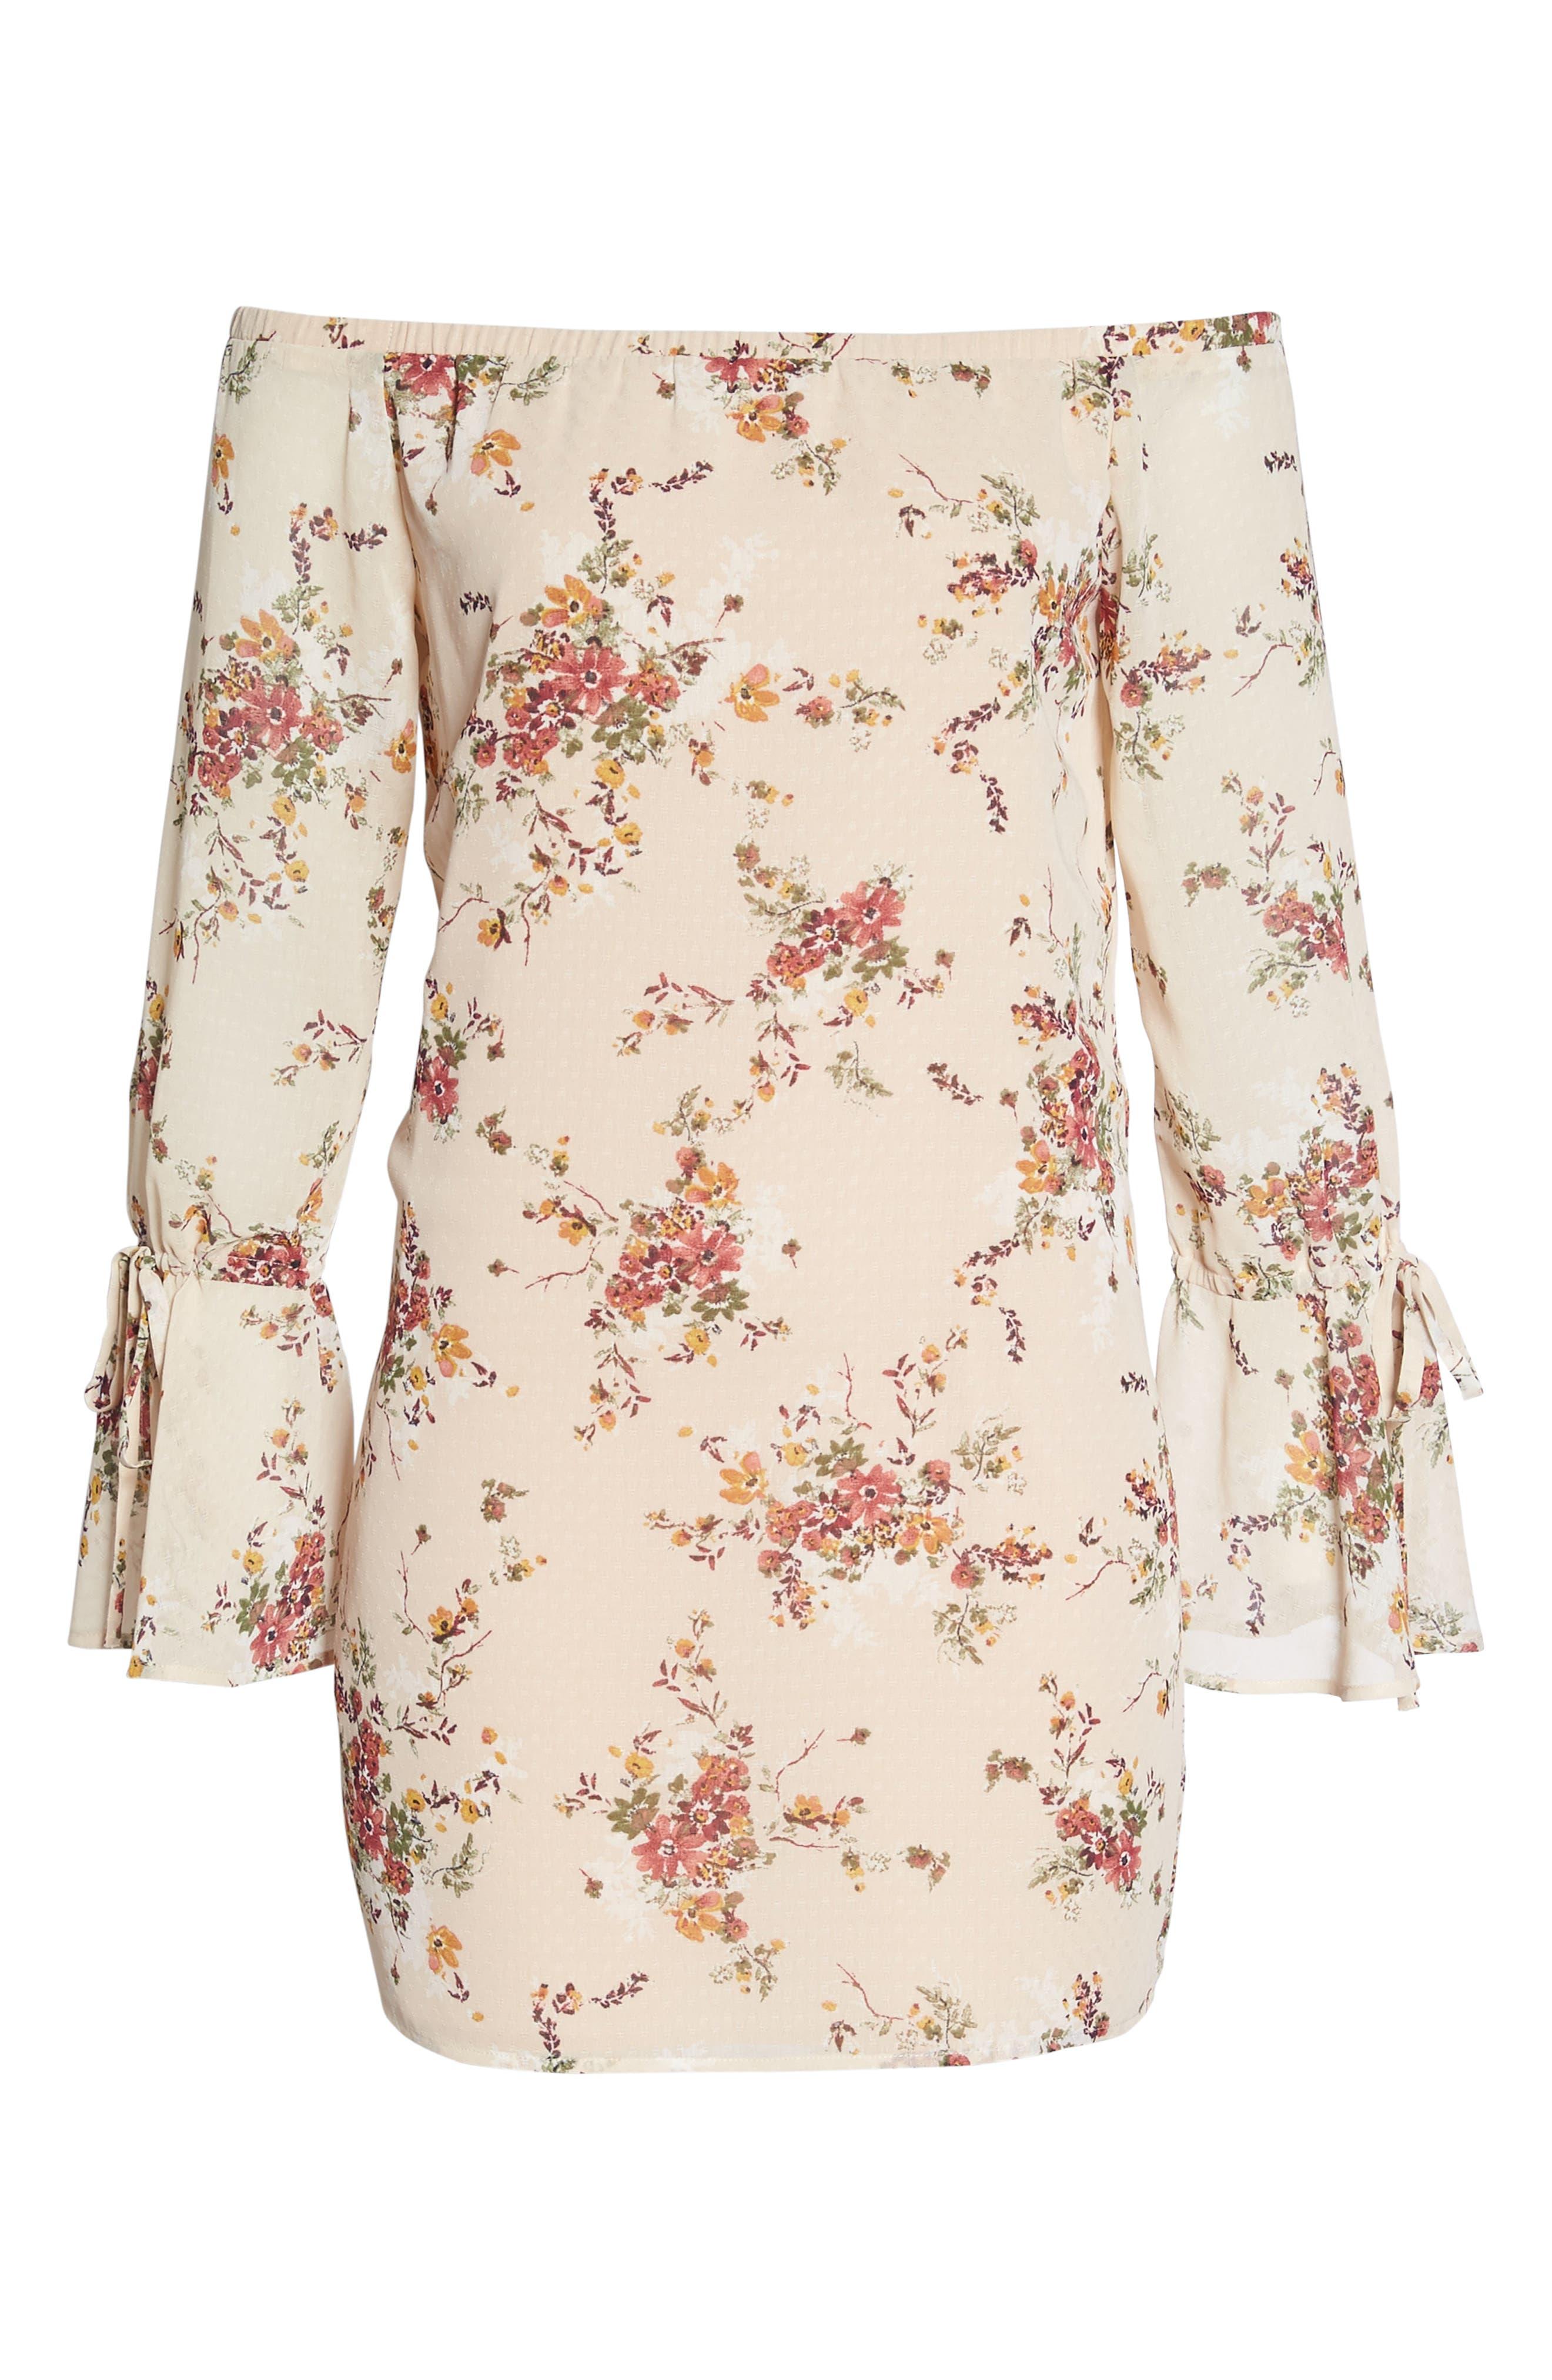 It's Love Floral Off the Shoulder Shift Dress,                             Alternate thumbnail 6, color,                             Crme Vintage Bouquet